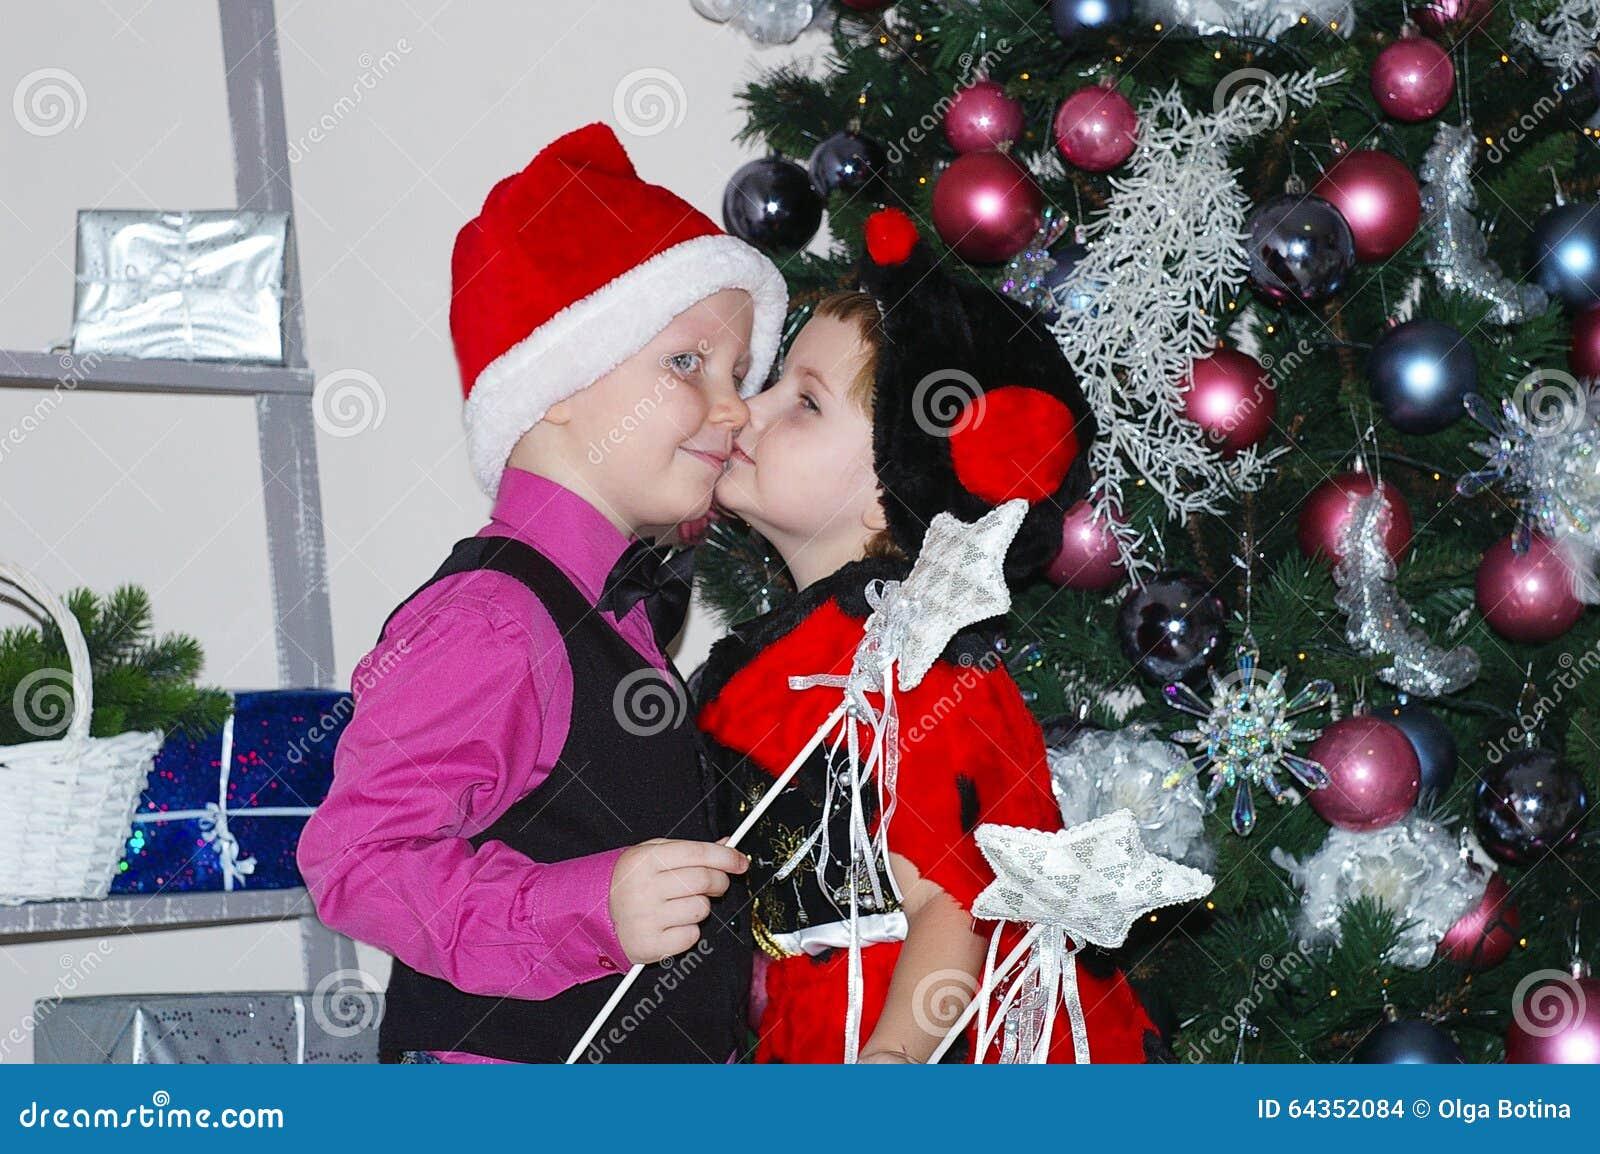 Girl and girl kiss-9569